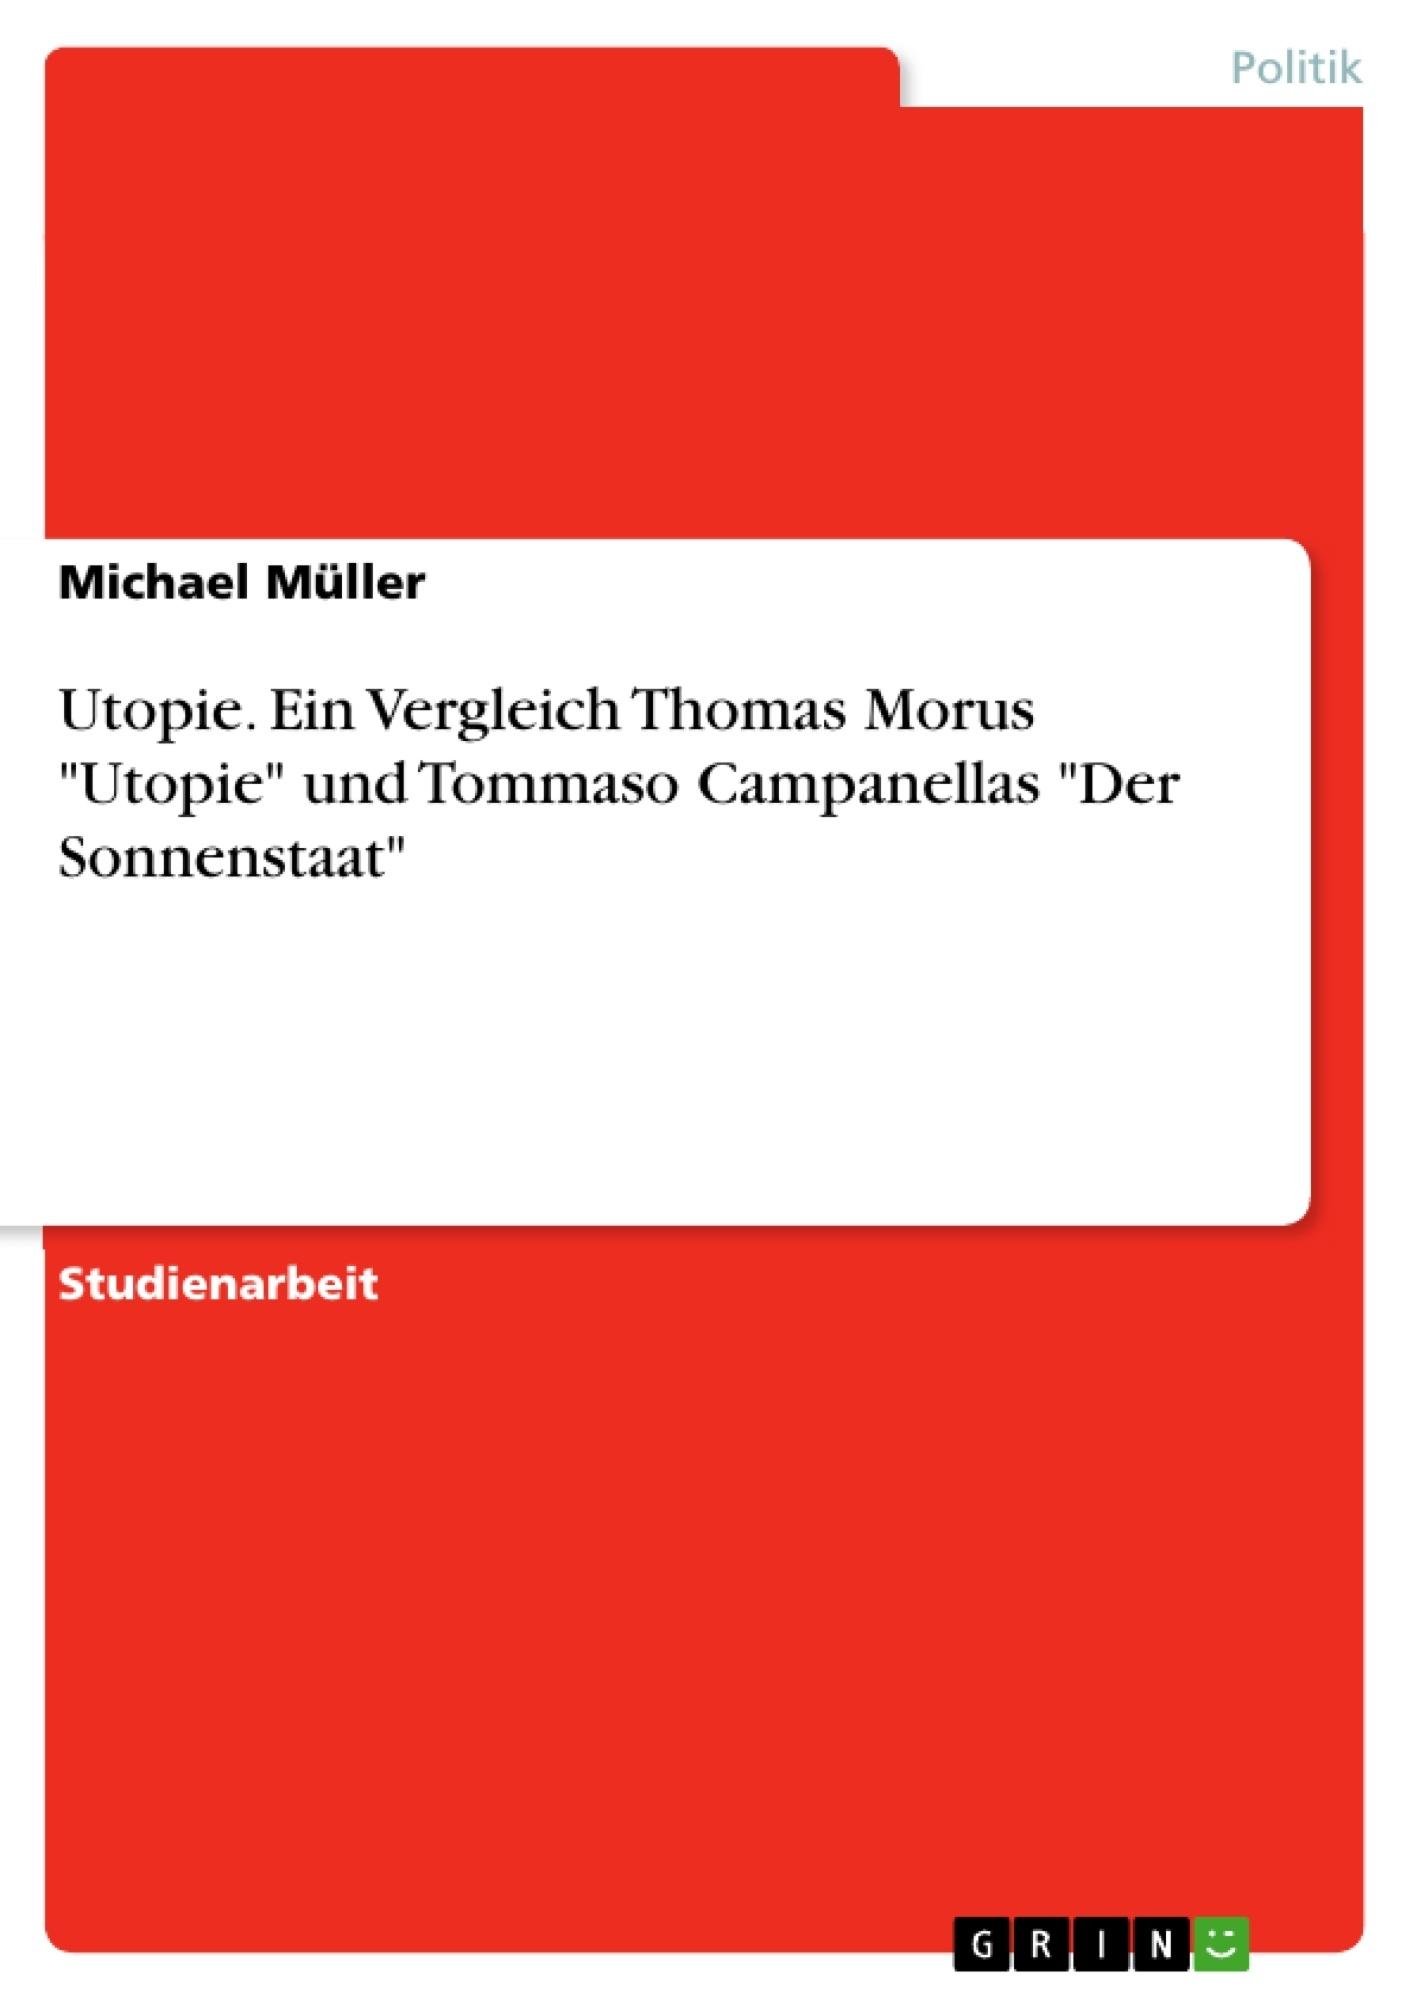 """Titel: Utopie. Ein Vergleich Thomas Morus """"Utopie"""" und Tommaso Campanellas """"Der Sonnenstaat"""""""